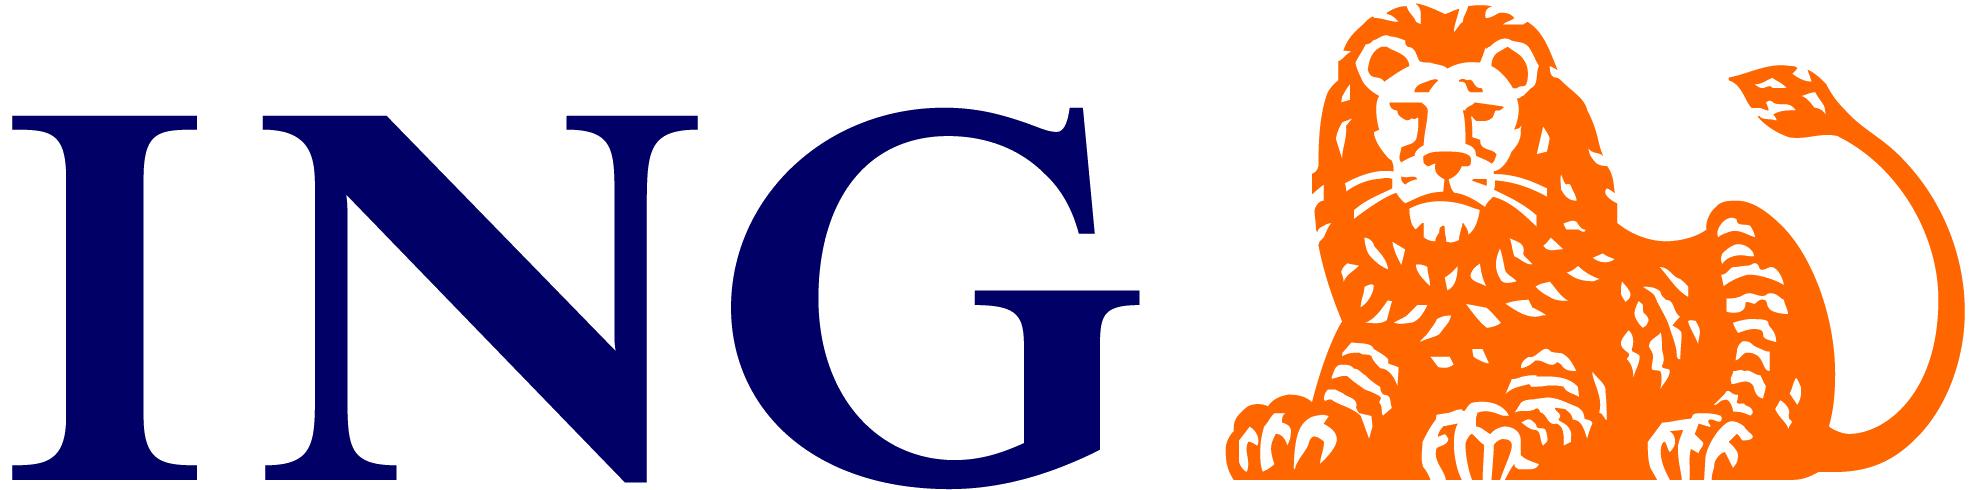 Infolinia ING Bank Śląski | Telefon, numer, kontakt, adres, informacje dodatkowe